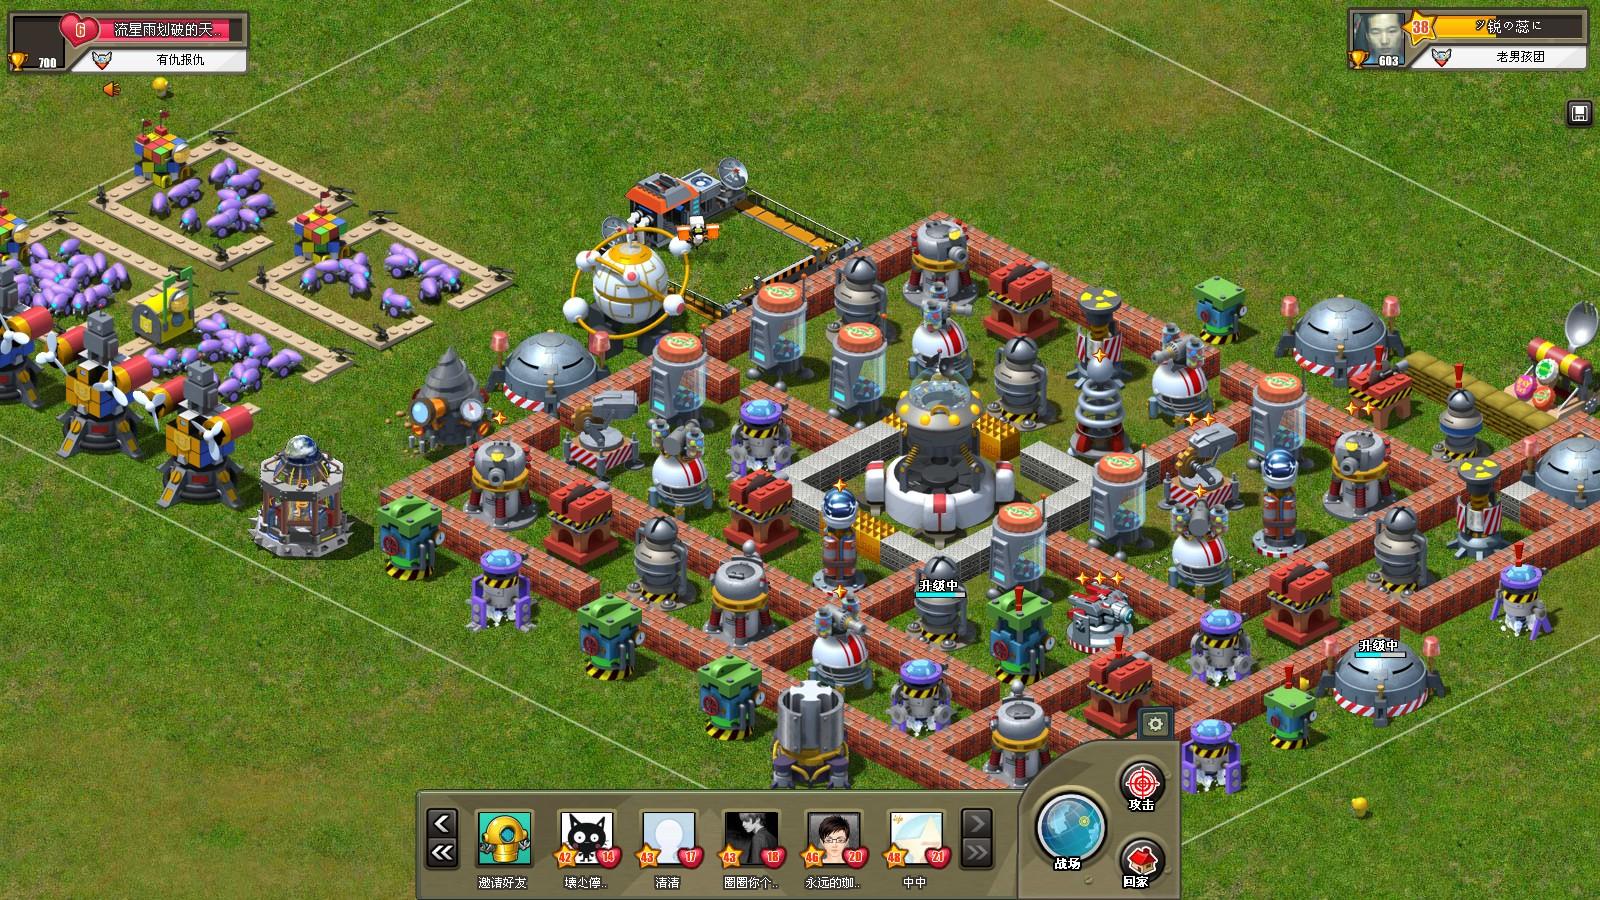 玩具战争求玩家帮忙看阵型12级主基地 精品玩家社区 Powered by Discuz图片